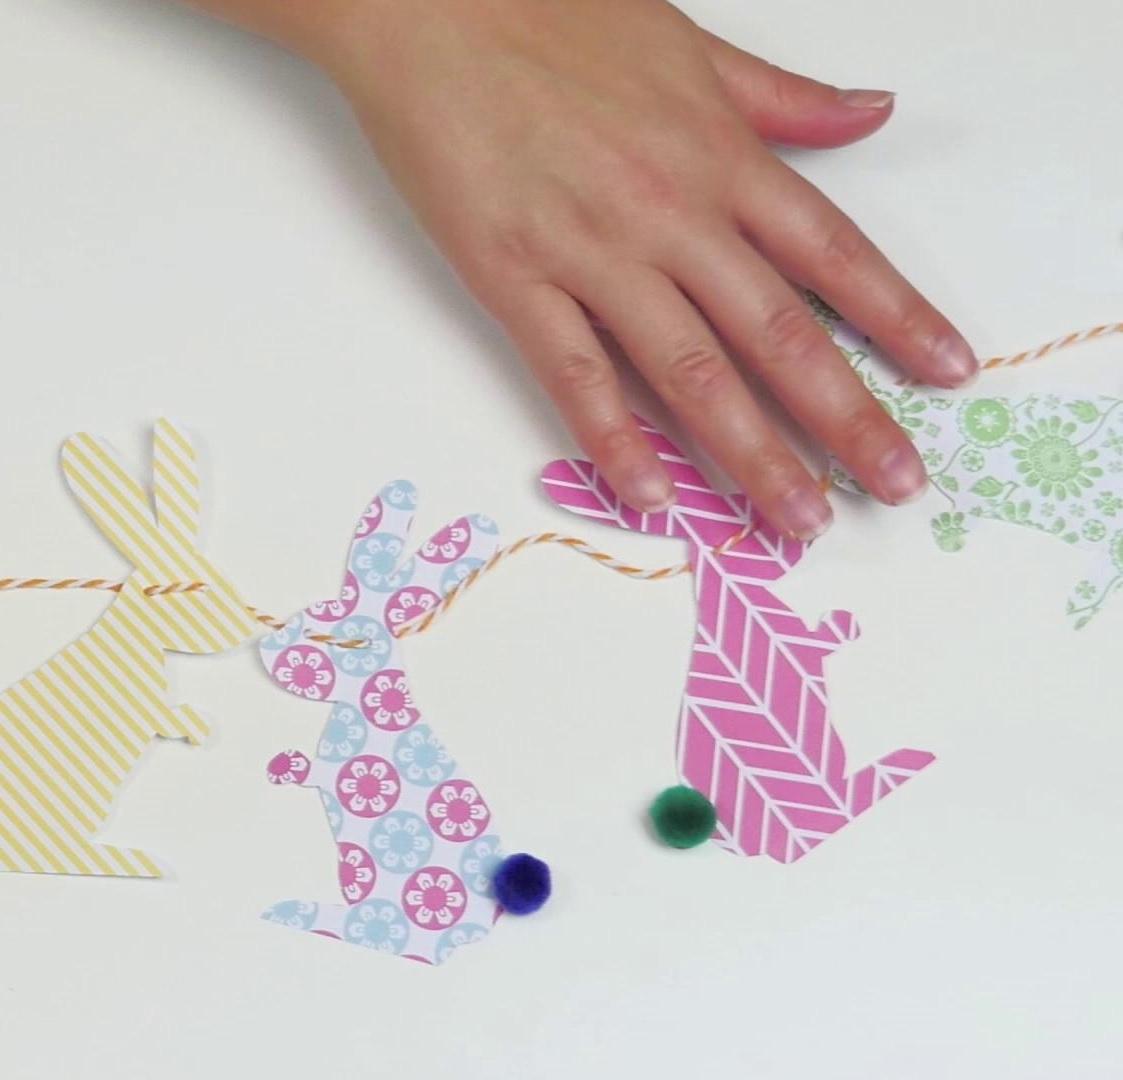 Coloriages – Coloriage En Ligne Pour Enfants Fr.hellokids concernant Jeux De Peinture En Ligne Gratuit Pour Fille